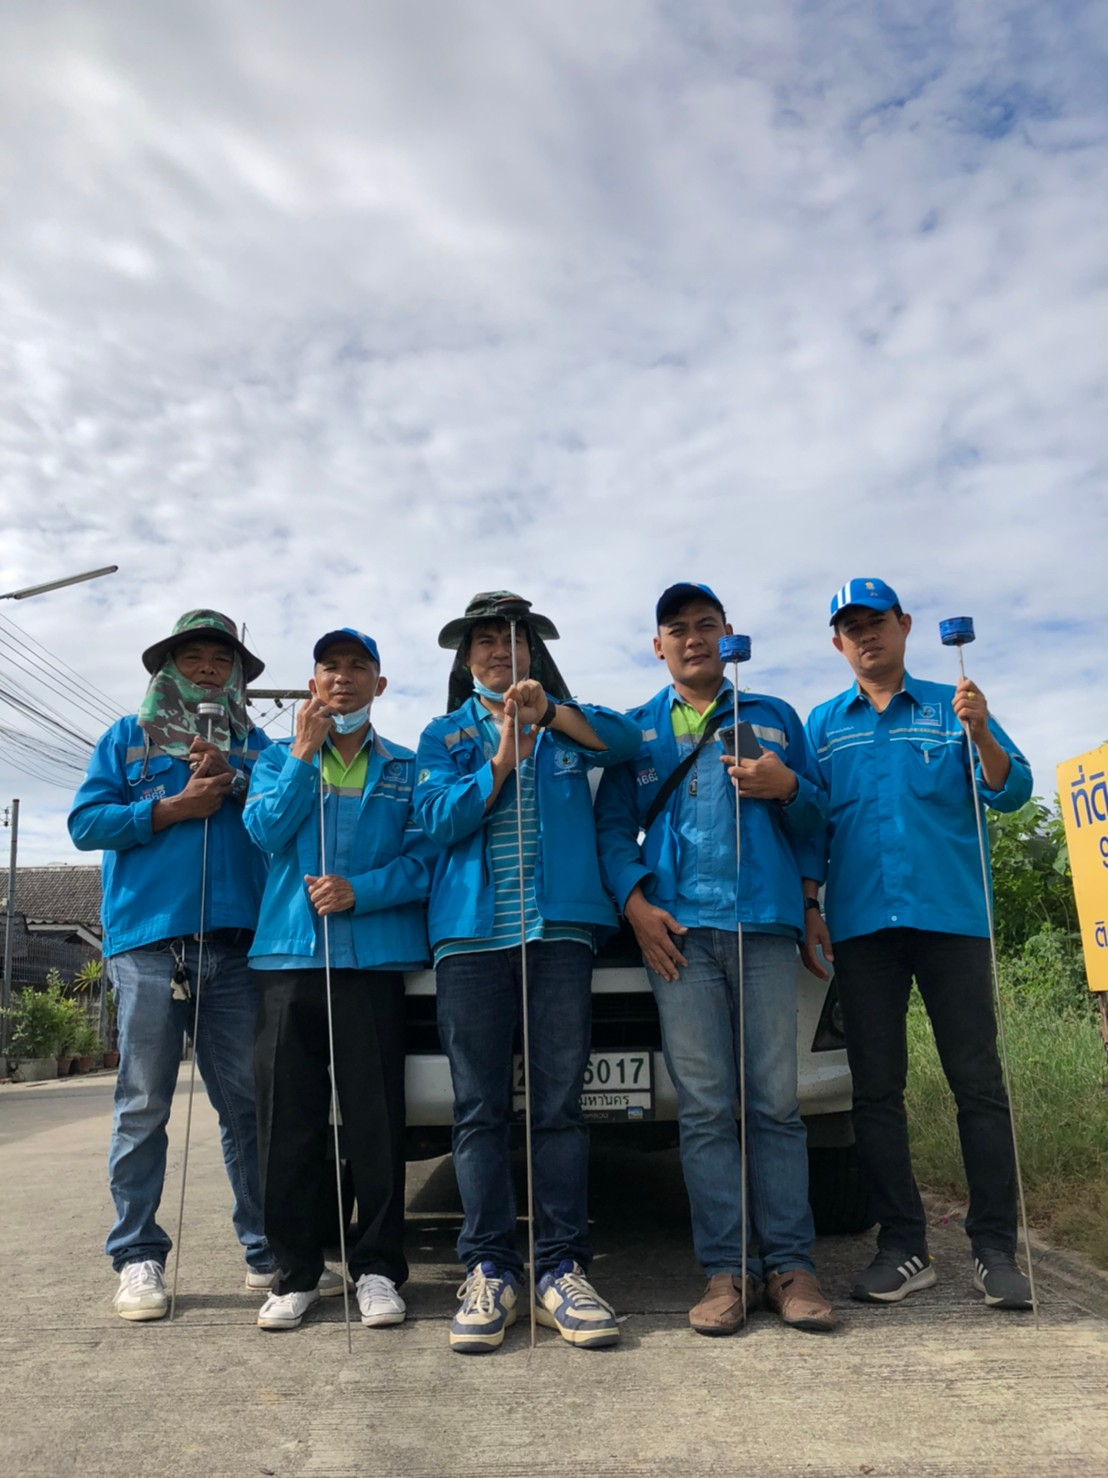 การประปาส่วนภูมิภาคสาขากาญจนบุรี ดำเนินกิจกรรมลดน้ำสูญเสีย ตามแผนการดำเนินงานเชิงรุก เพื่อควบคุมและลดน้ำสูญเสีย